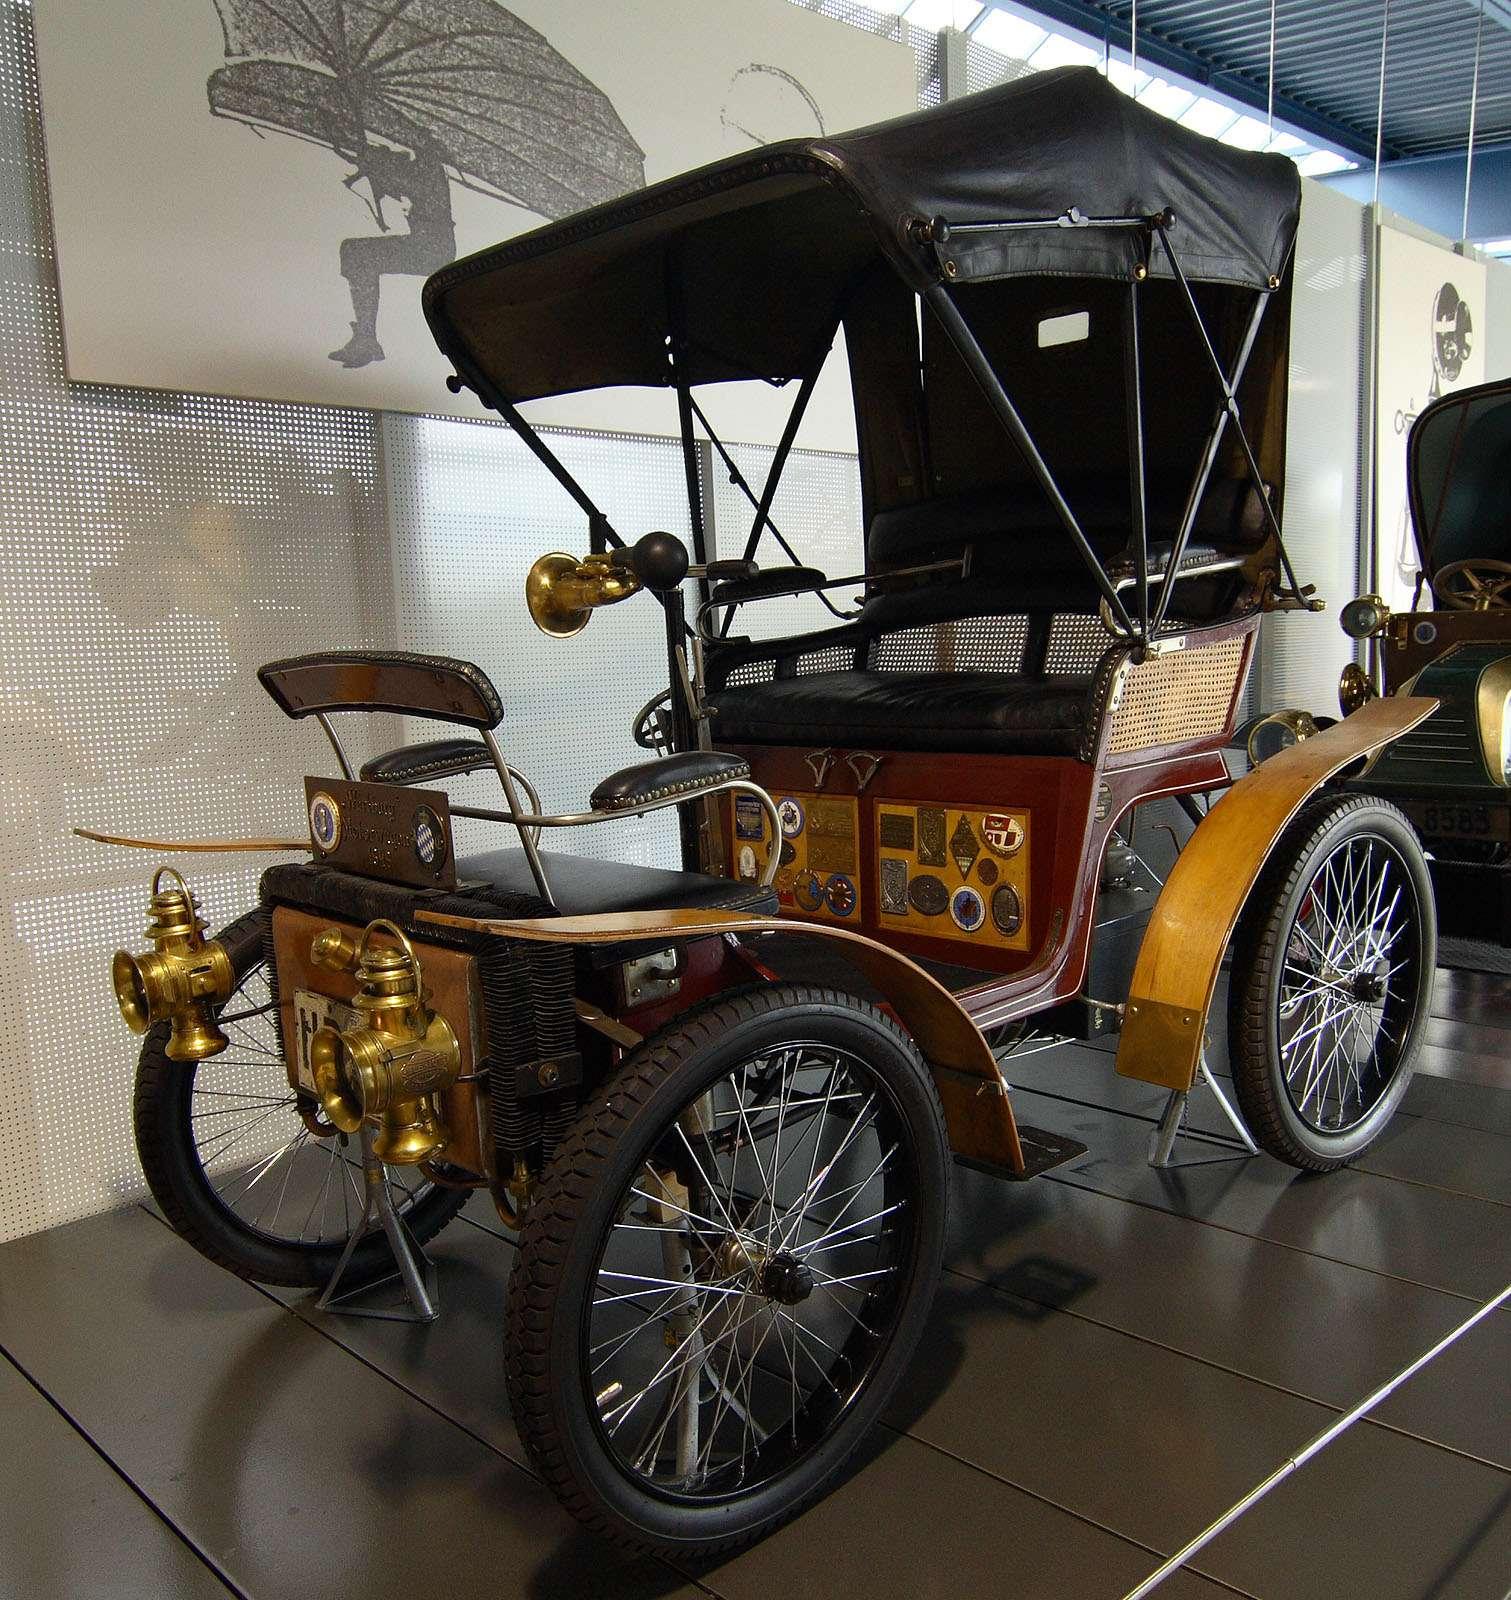 Автомобиль Wartburg 1899 года (шасси №88) вэкспозиции Музея немецкой автомобильной истории вгороде Амеранг (Бавария). Фото: Wikipedia